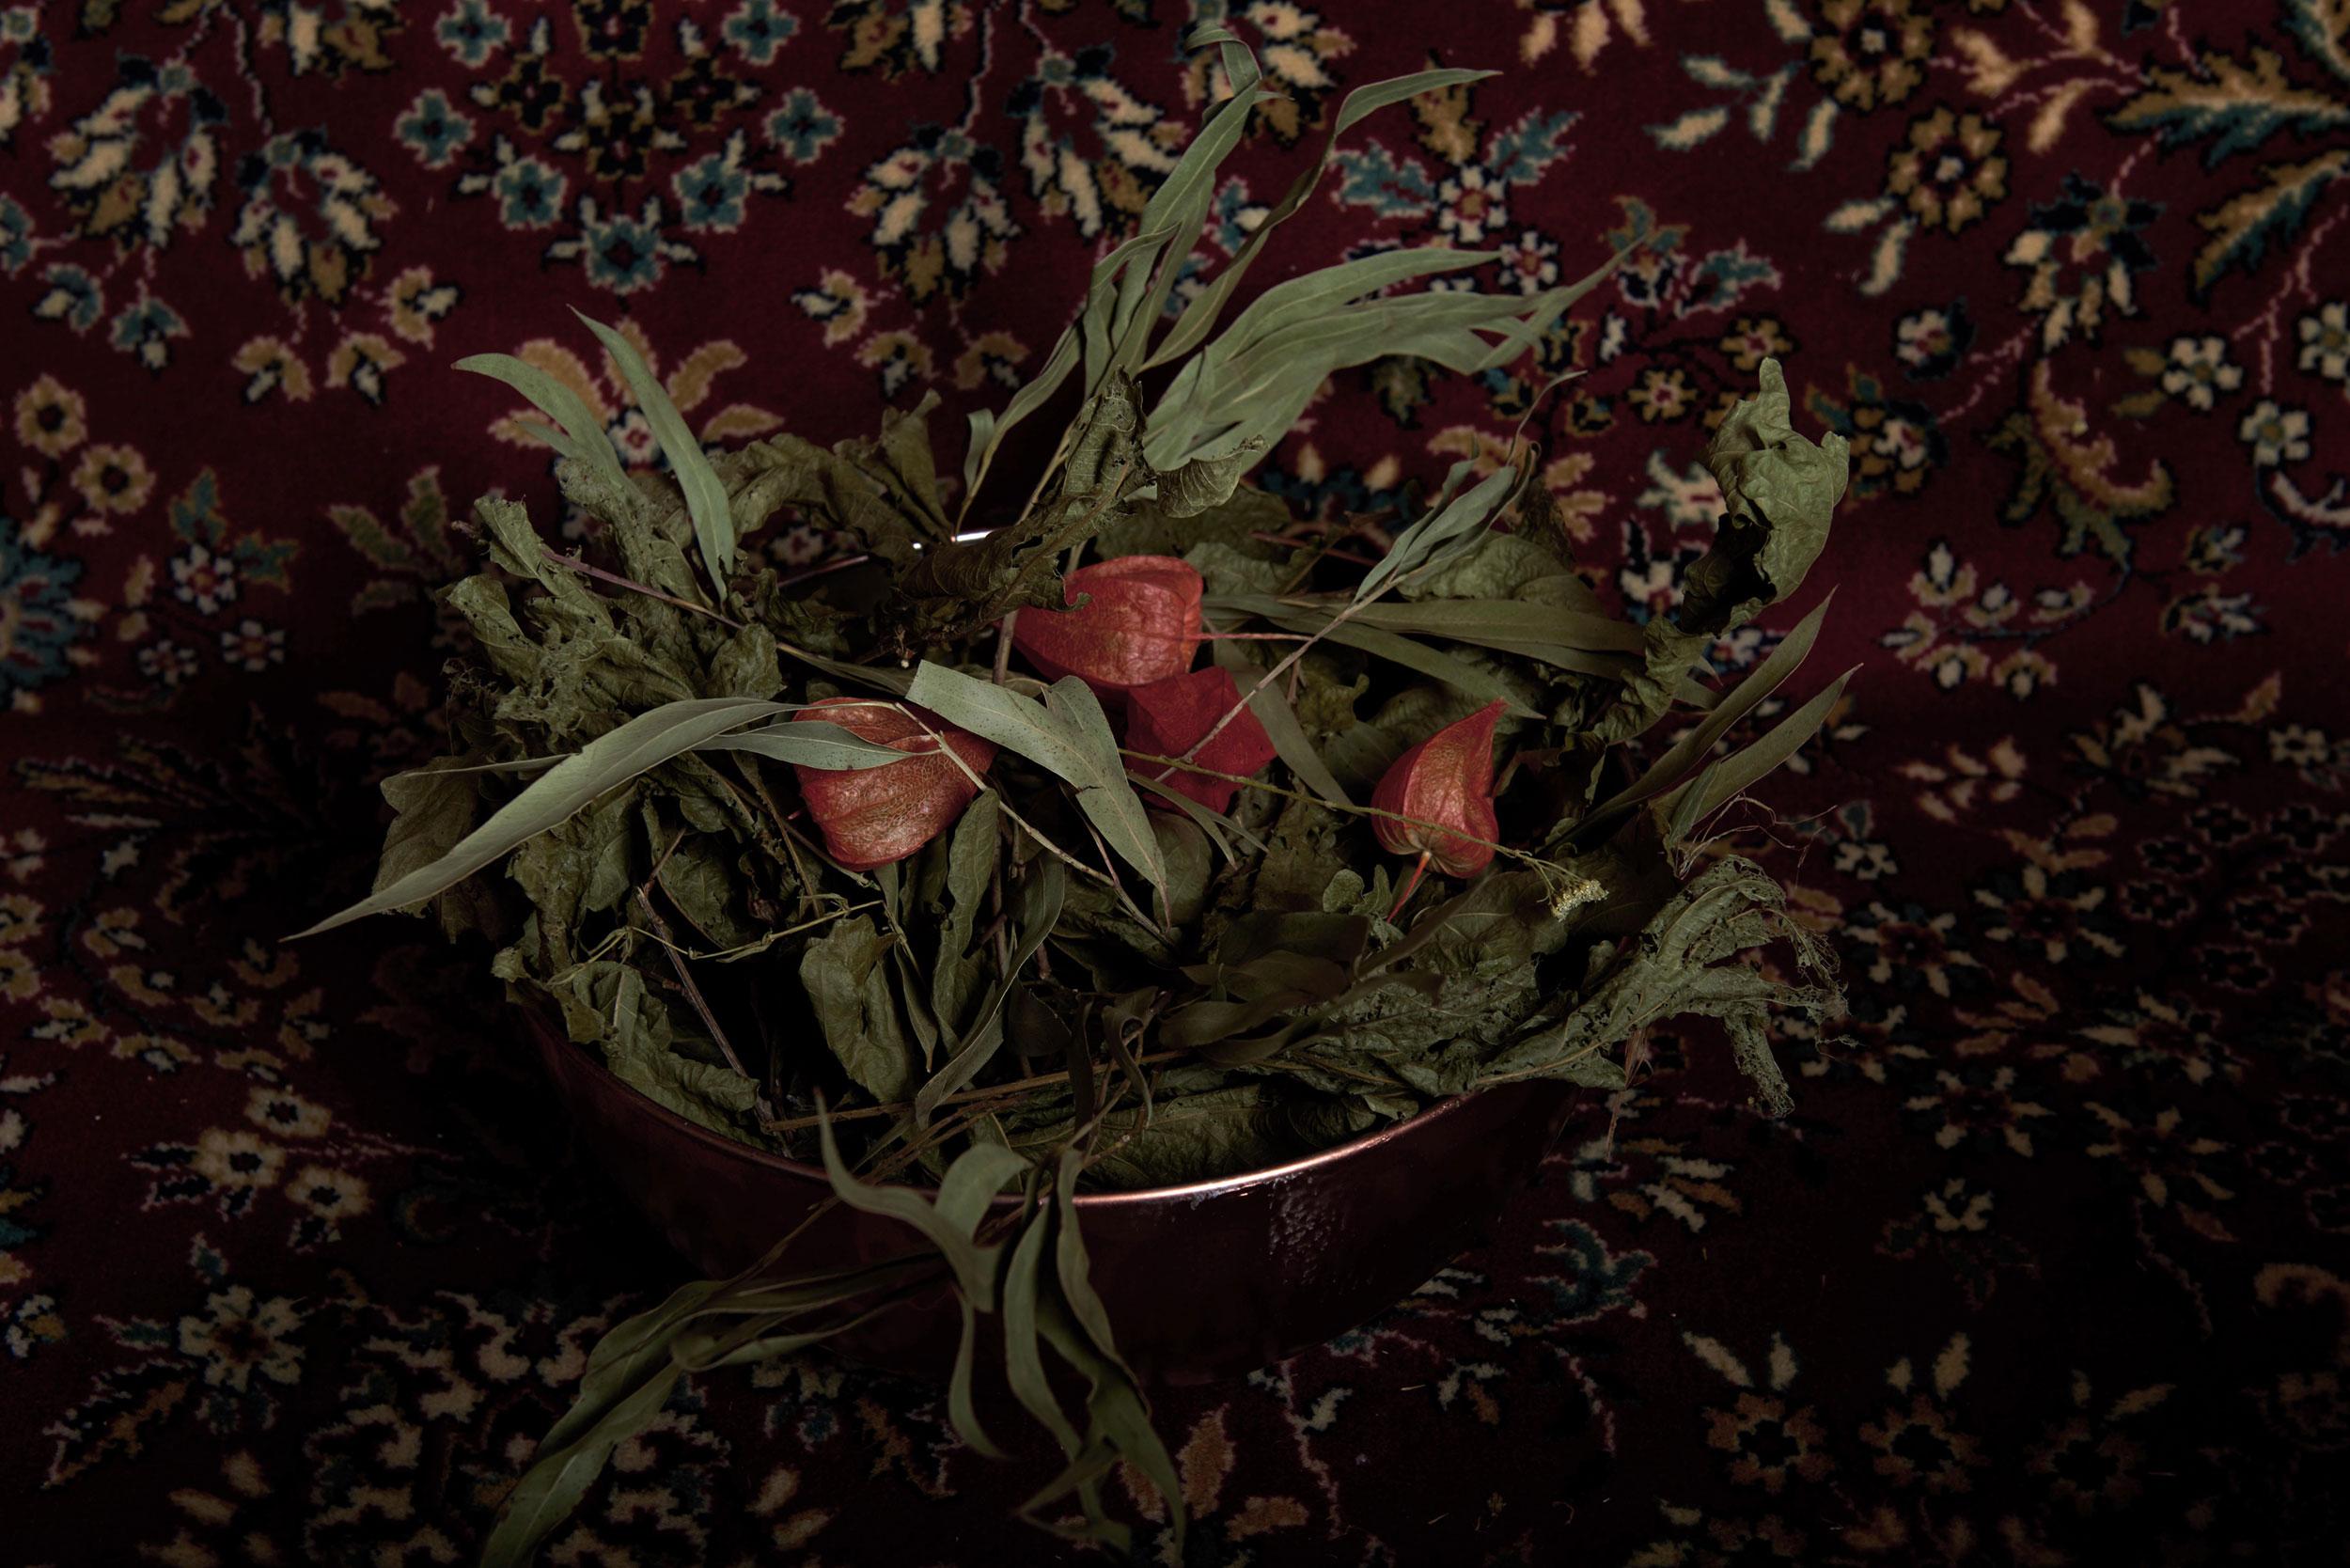 Фото-история для журнала о нижнем белье Garterblog.ru. Фото – Маша Цуман